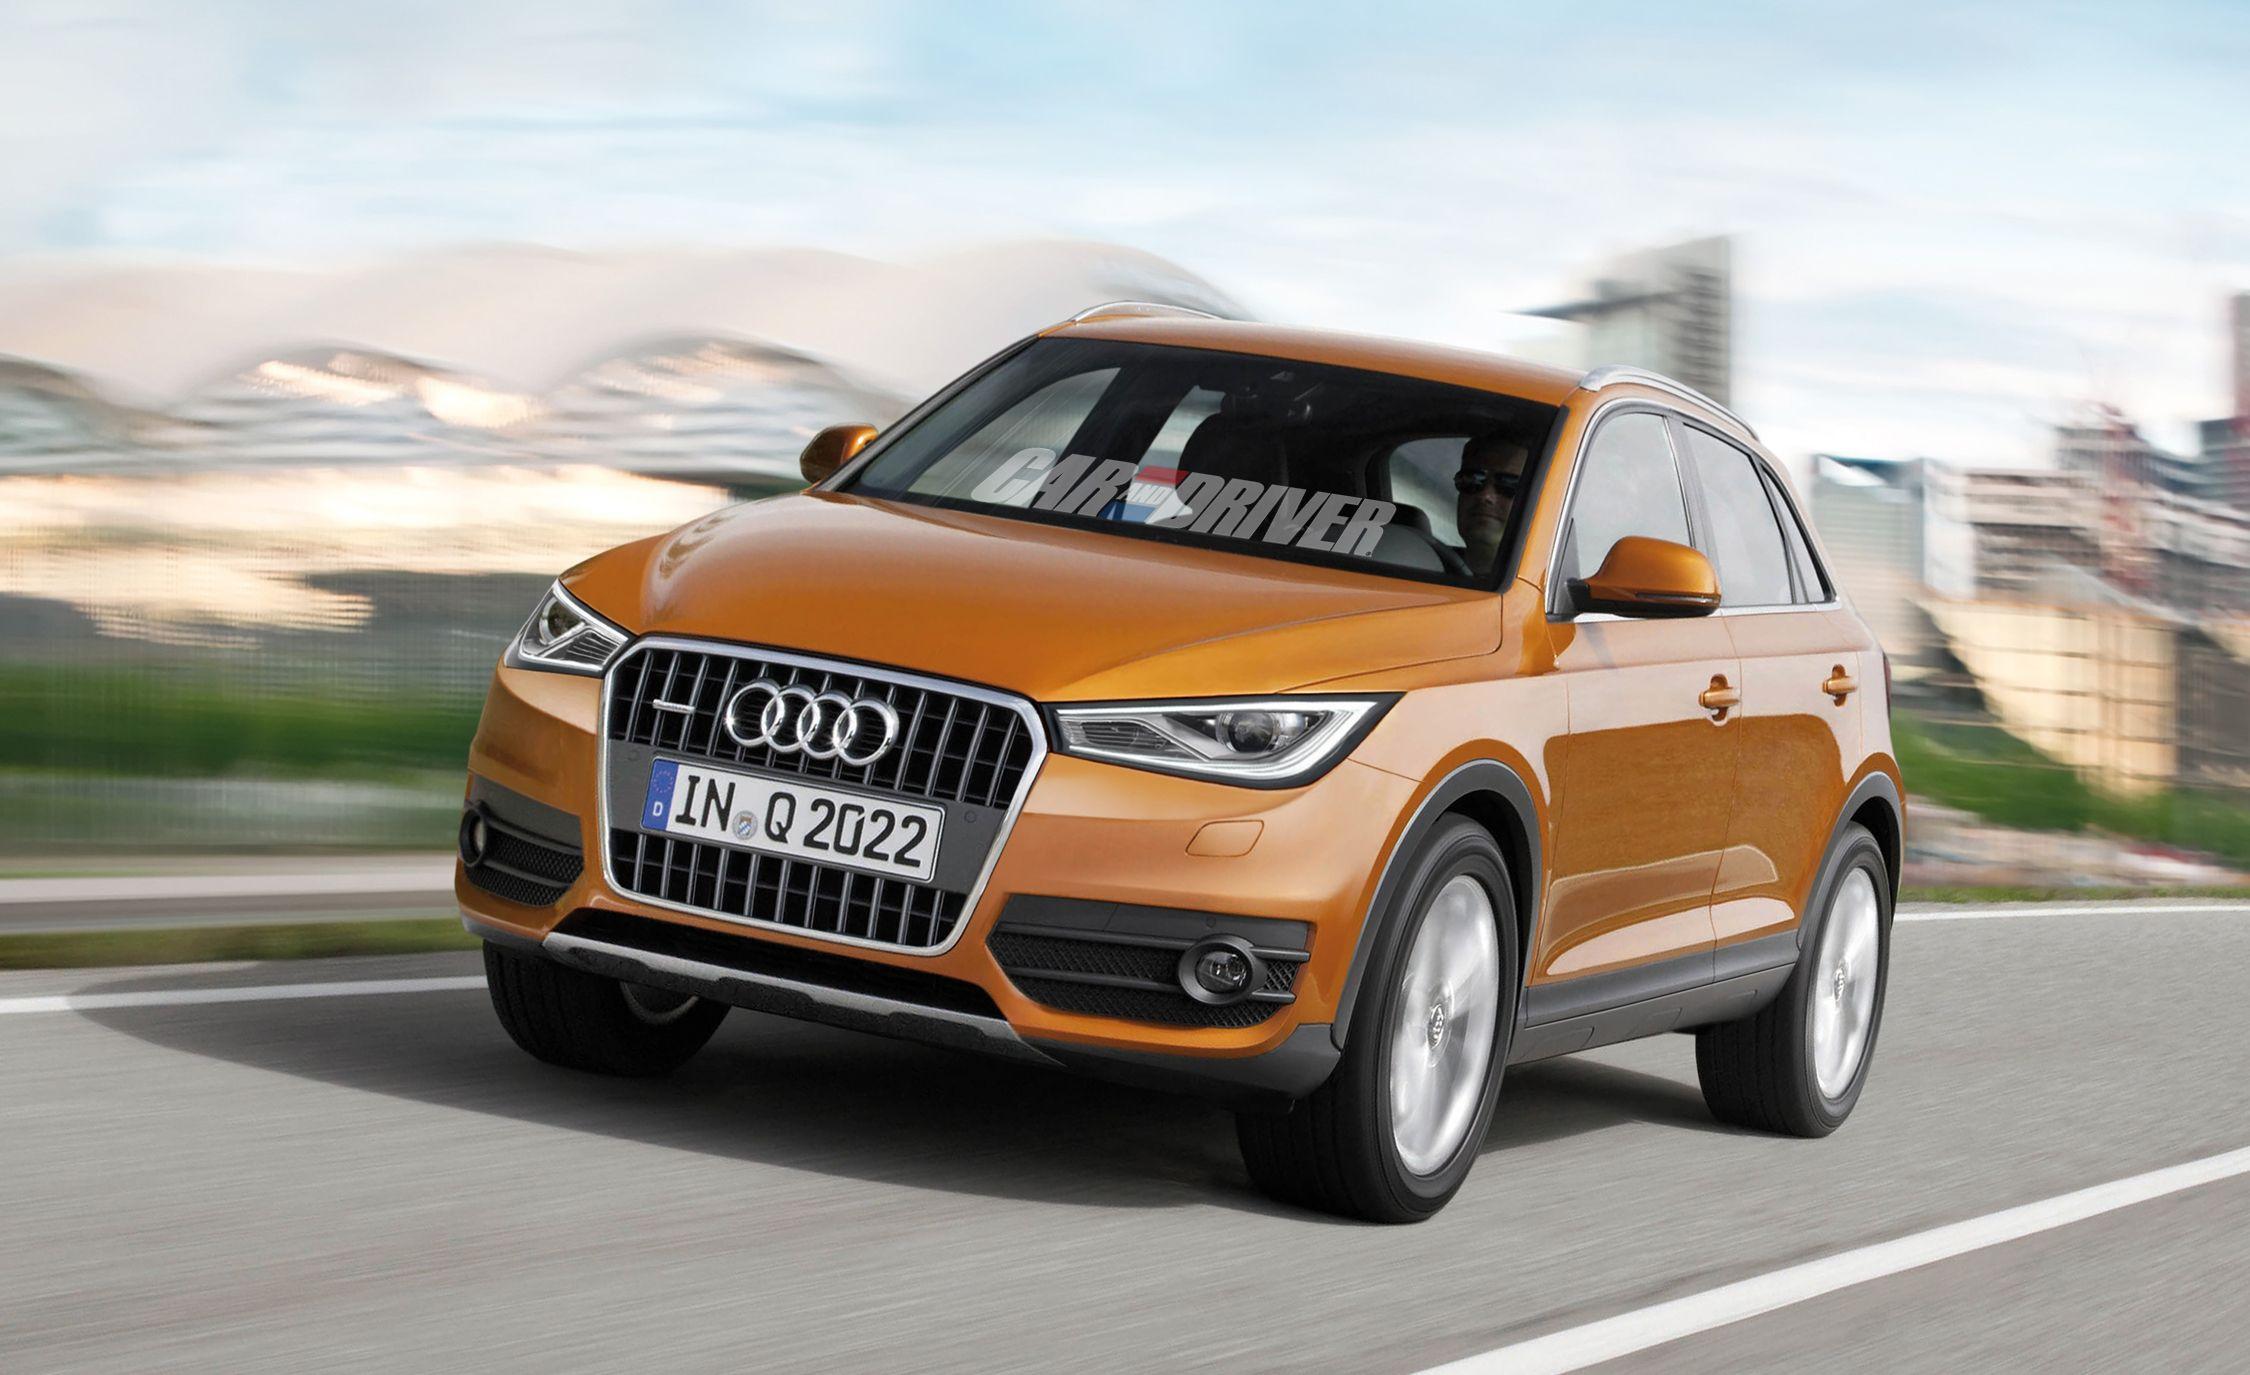 2016 Audi Q2 Rendered Audi City Car Audi Q7